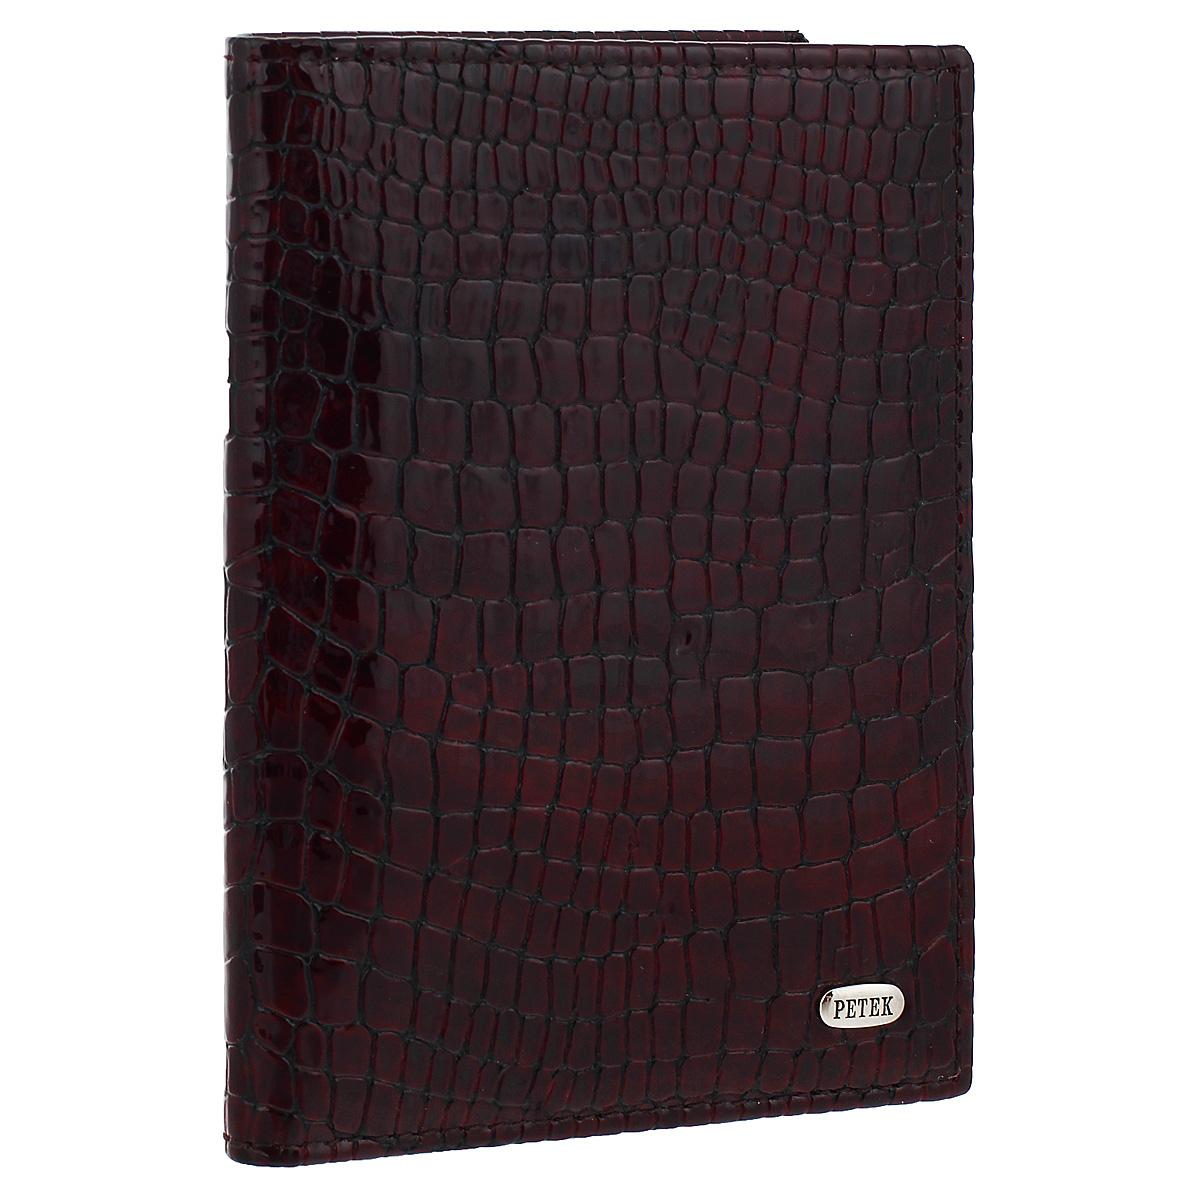 Обложка на автодокументы Burgundy, цвет: баклажан. 584.091.03W16-11122_204Обложка на автодокументы Burgundy, выполненная из натуральной лаковой кожи, не только поможет сохранить внешний вид ваших документов и защитит их от повреждений, но и станет стильным аксессуаром, идеально подходящим вашему образу. Внутри четыре прорезных кармана для кредитных карт, удобный блок для водительских документов из прозрачного пластика и пять карманов для бумаг из прозрачного пластика.Такая обложка станет замечательным подарком человеку, ценящему качественные и практичные вещи. Характеристики:Материал: натуральная кожа, пластик. Размер обложки: 9 см х 12,5 см х 1 см. Цвет: баклажан.